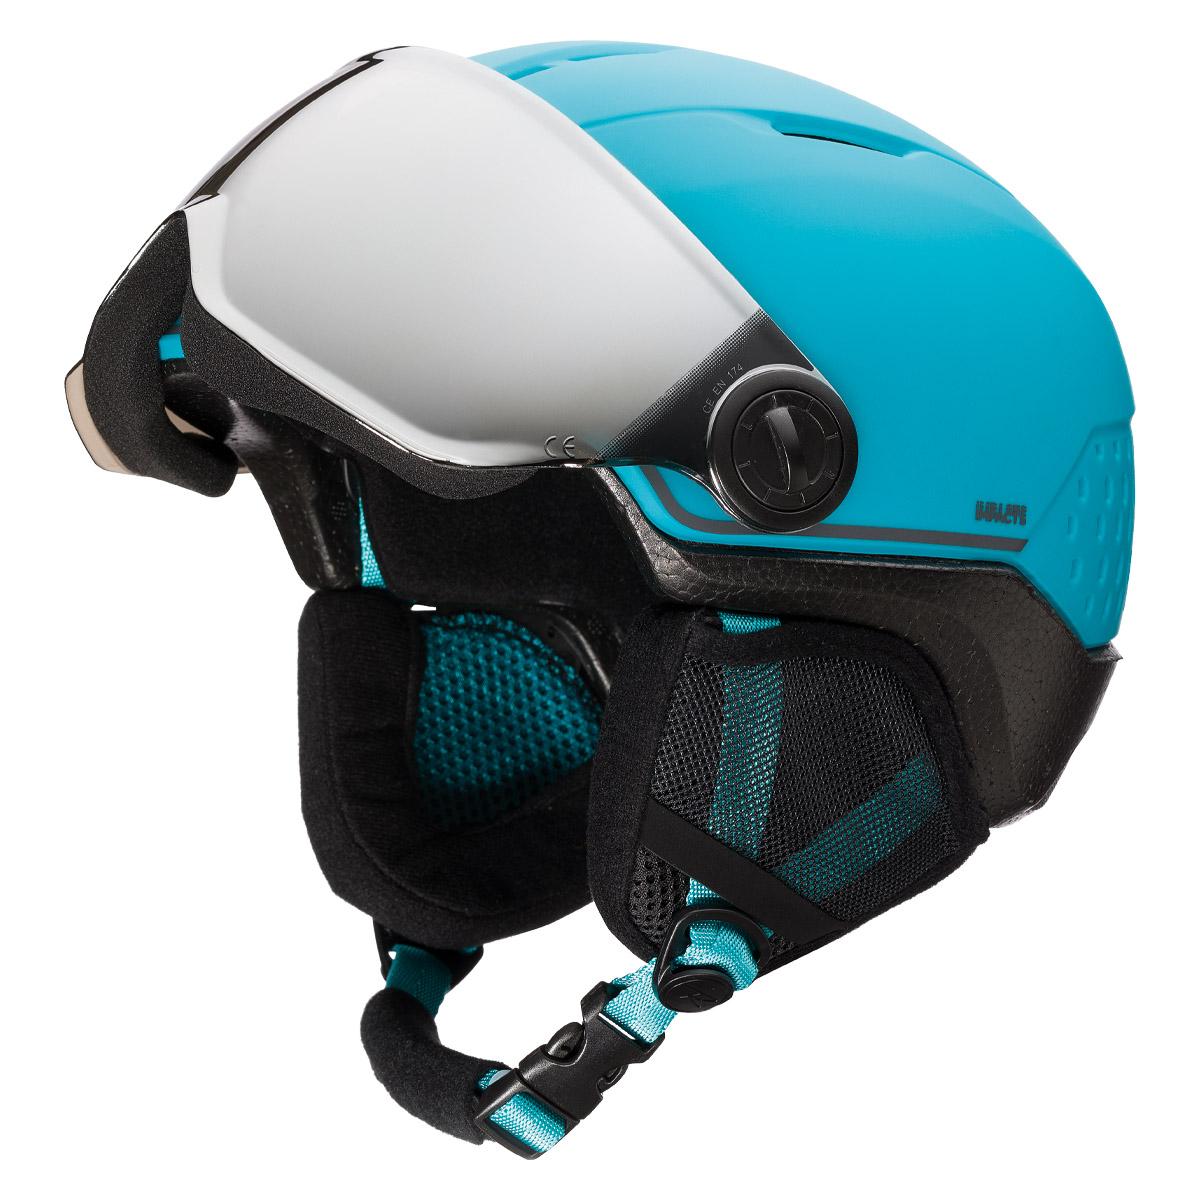 Casco sci Rossignol Whoopee Visor Impacts (Colore: blu-black, Taglia: 49/52)